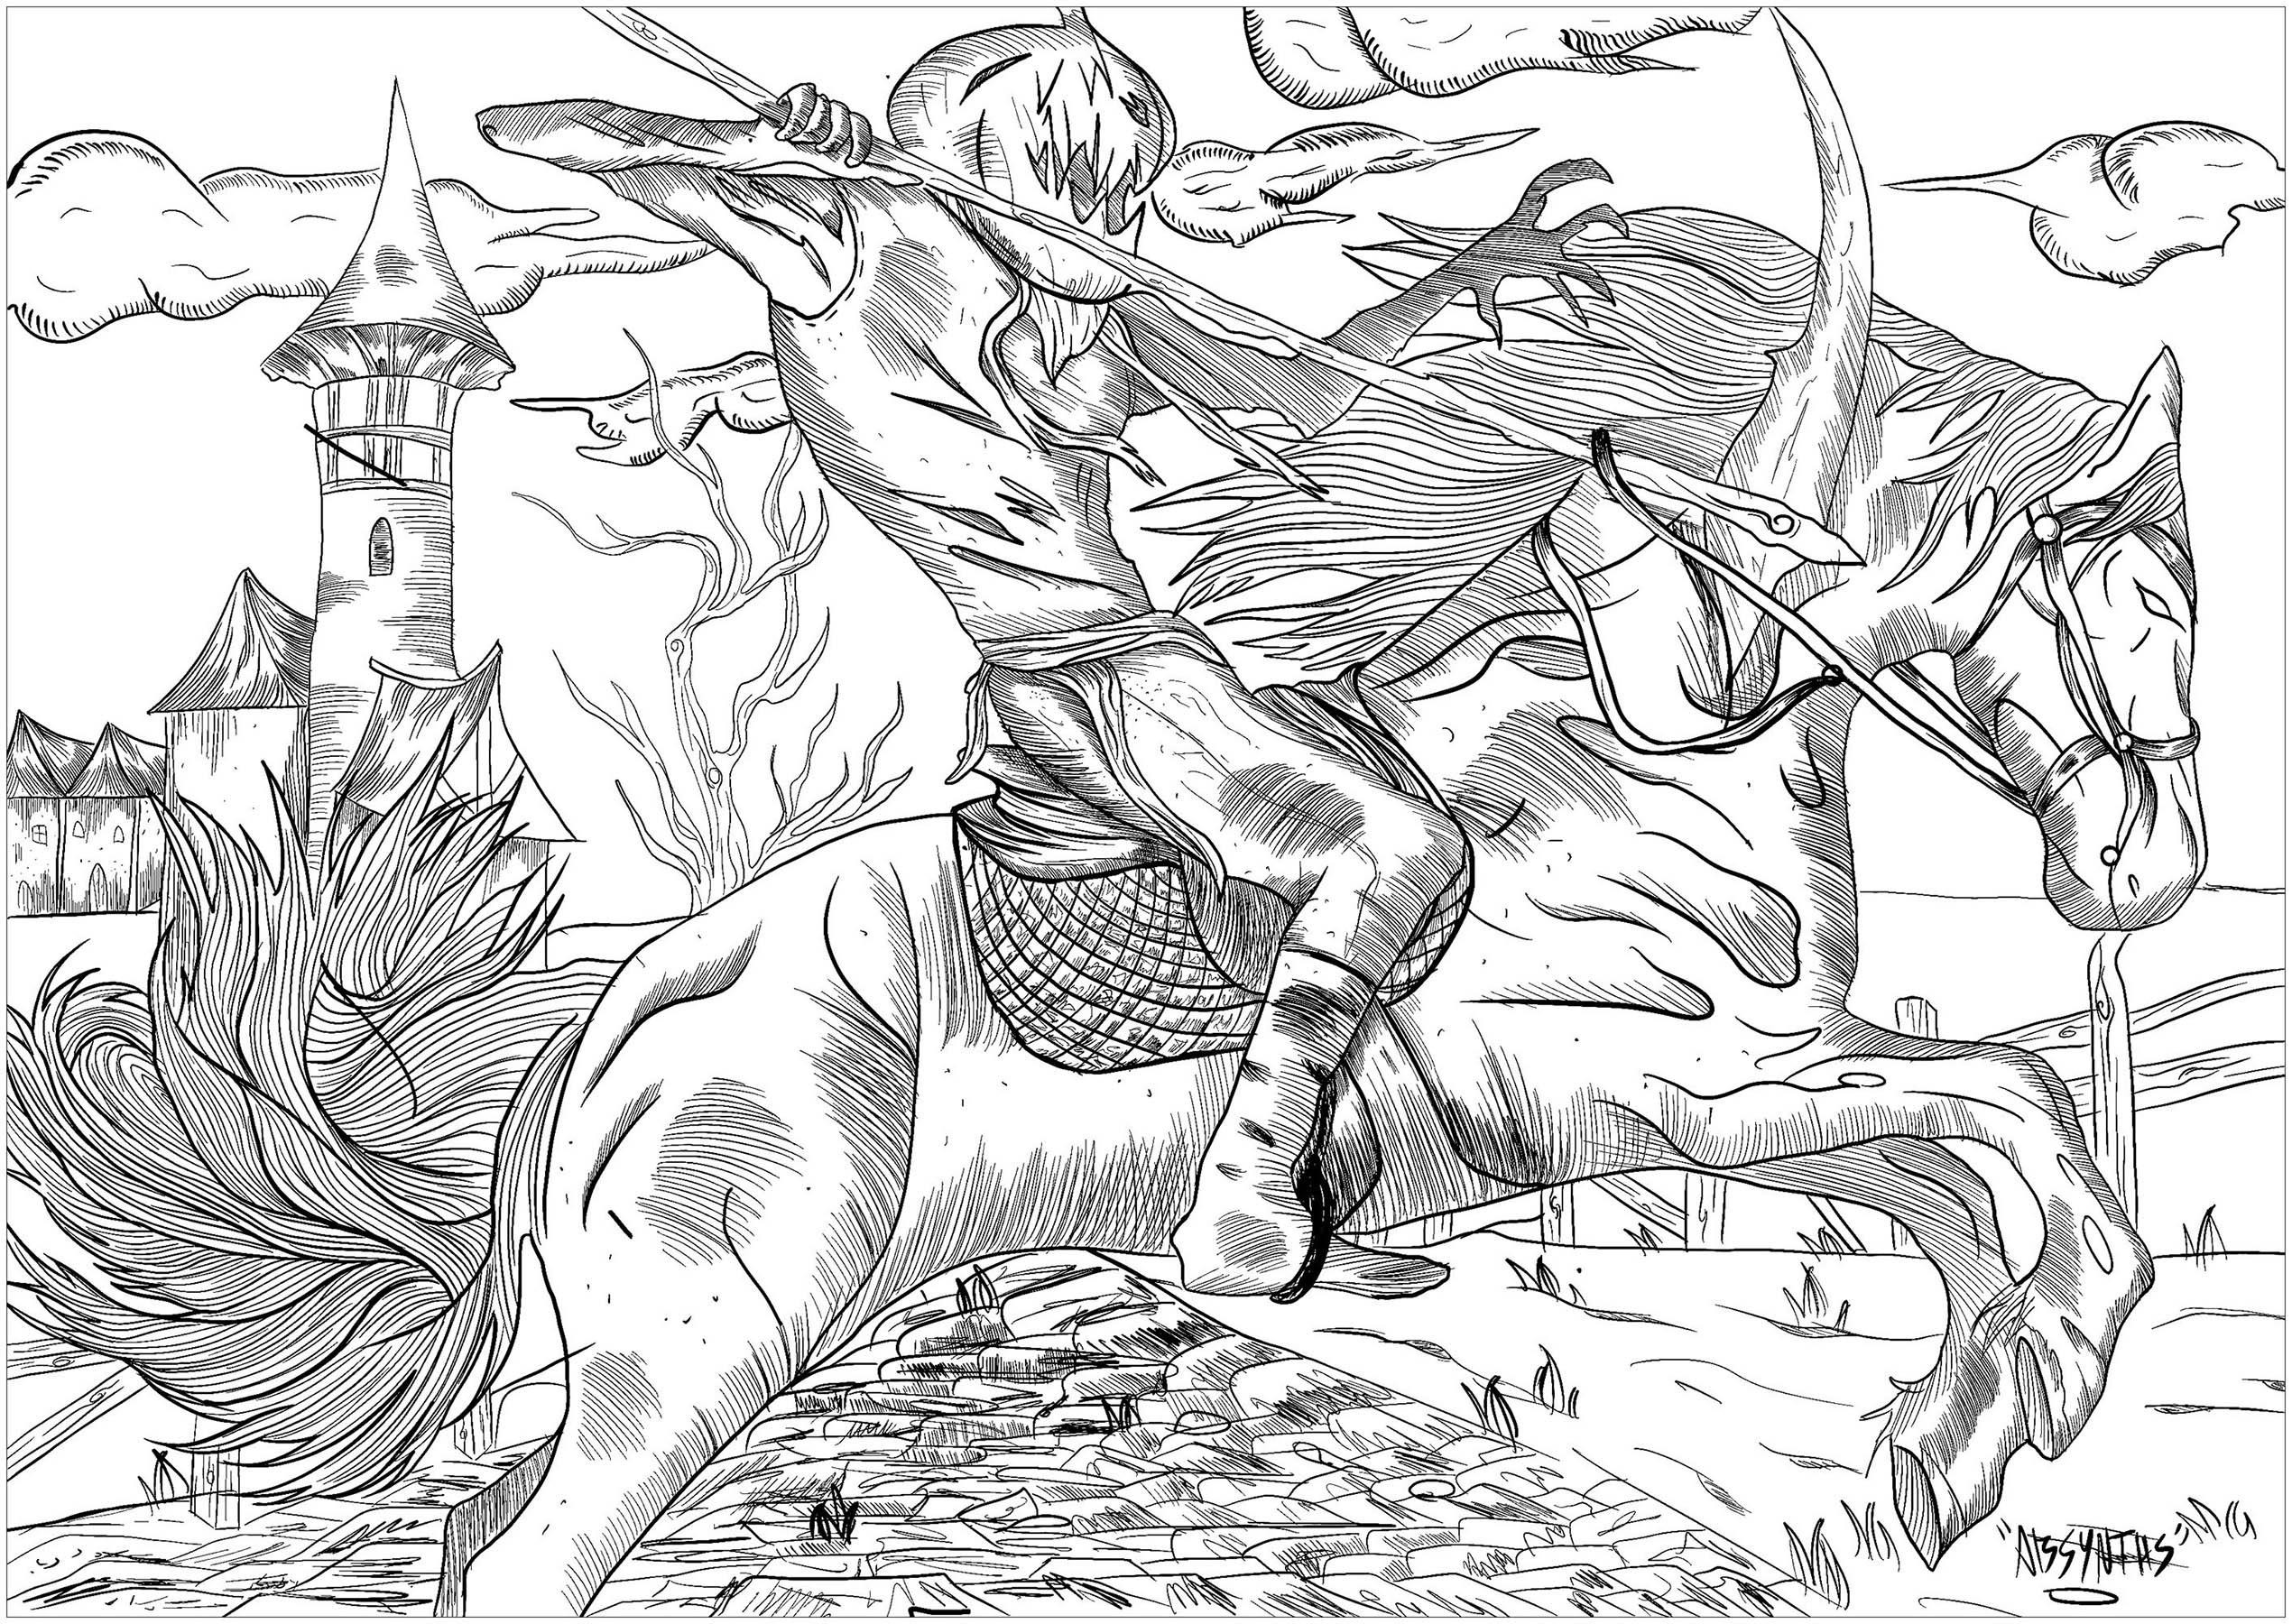 Le Cheval maléfique à la tête de citrouille, chevauchant son cheval démoniaque ... un vrai cauchemar à colorier !